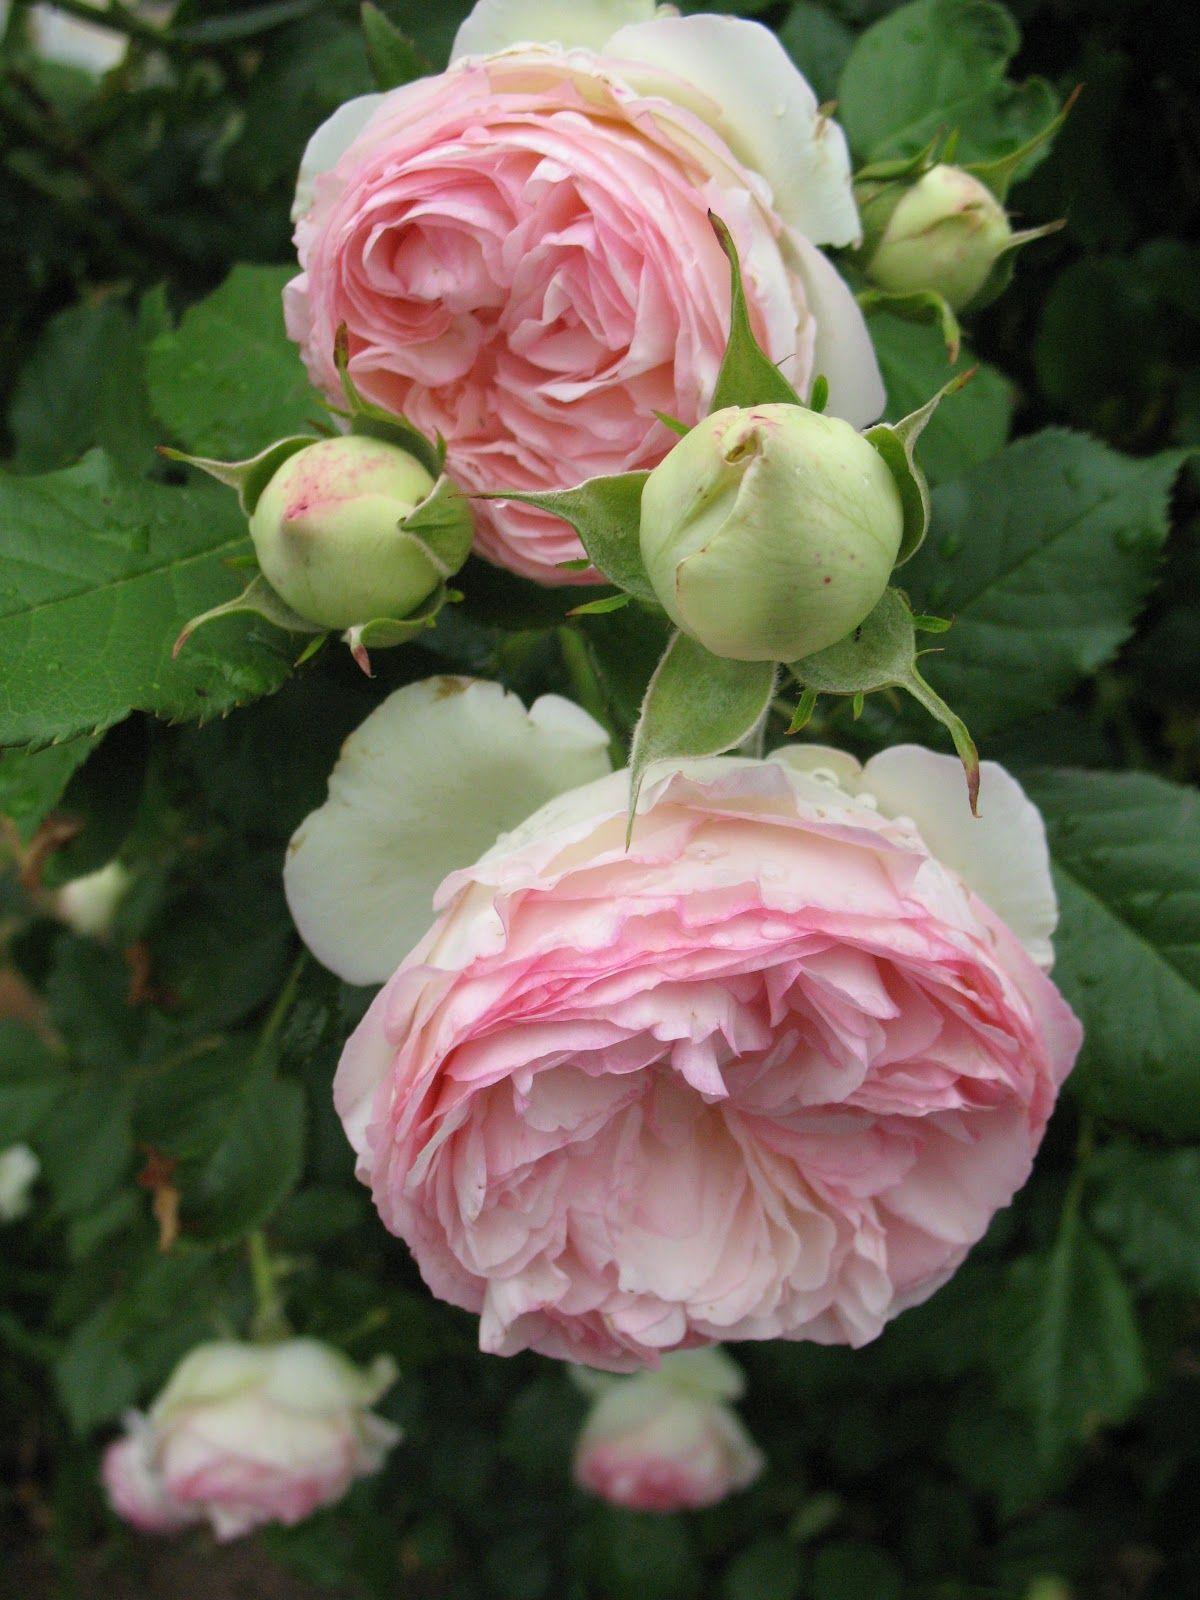 Le c l bre rosier pierre de ronsard n 39 est pas ancien mais - Rosier mange par des chenilles ...